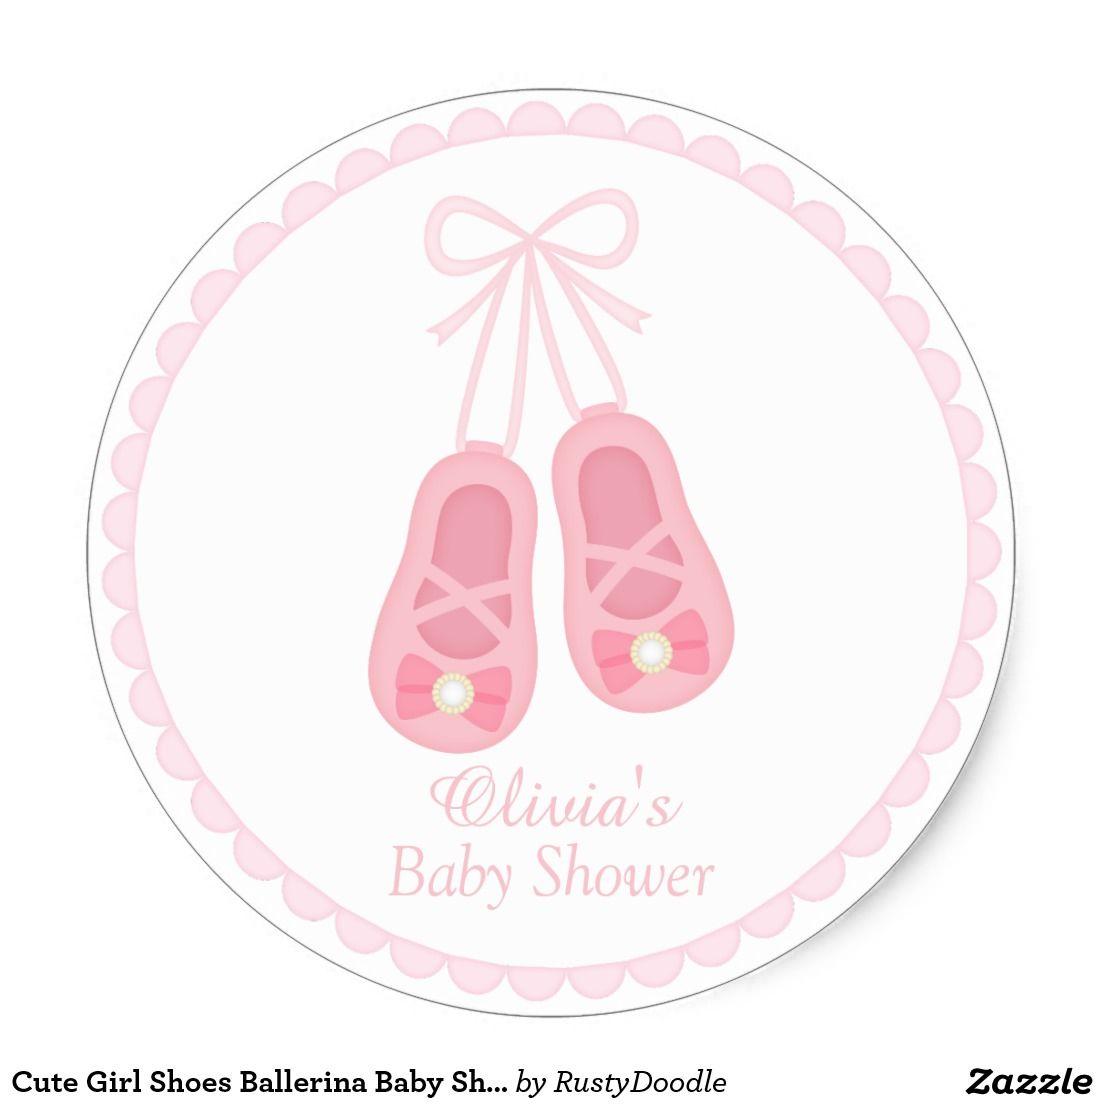 Cute girl shoes ballerina baby shower labels para novios for Sillas para novios